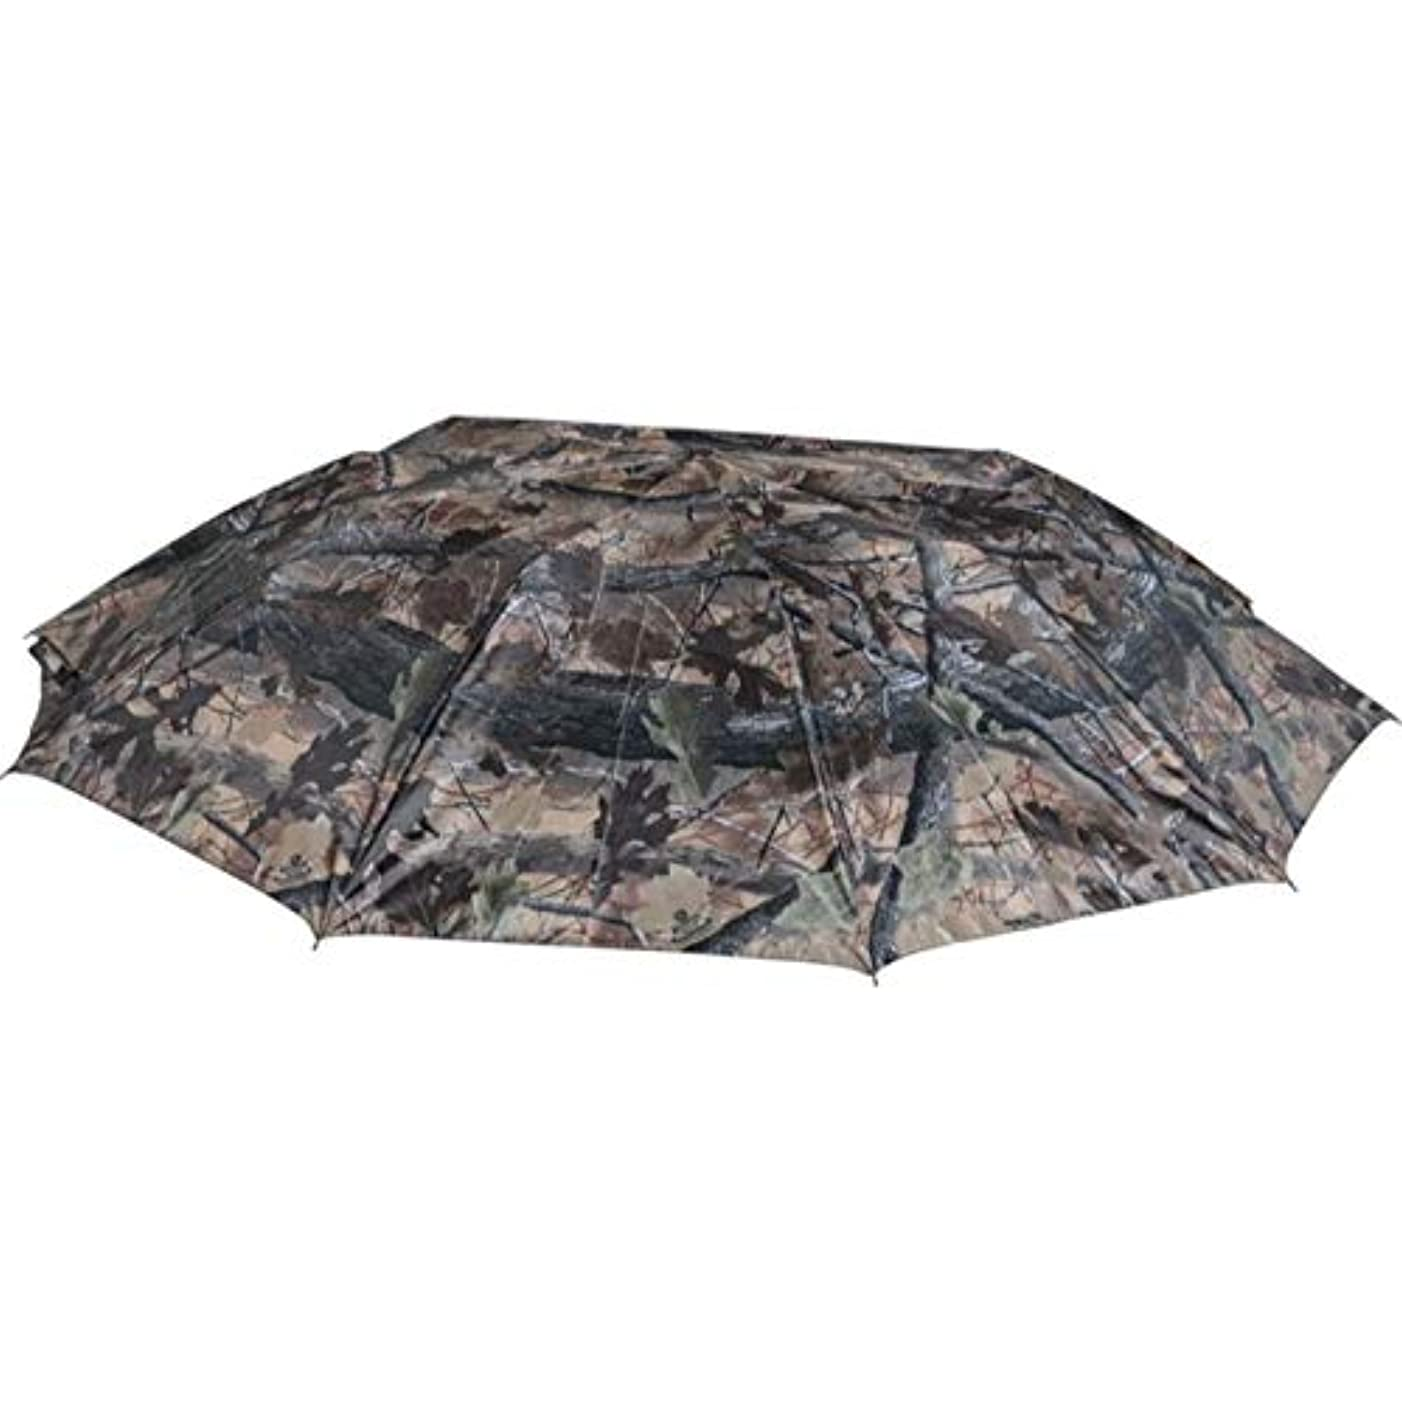 高音招待ステレオタイプ傘立て 傘たて かさたて 傘置き スチール シンプル コンパクト 玄関 エントランス 事務所 オフィス 収納 ラック レインラック アンブレラスタンド スタンド